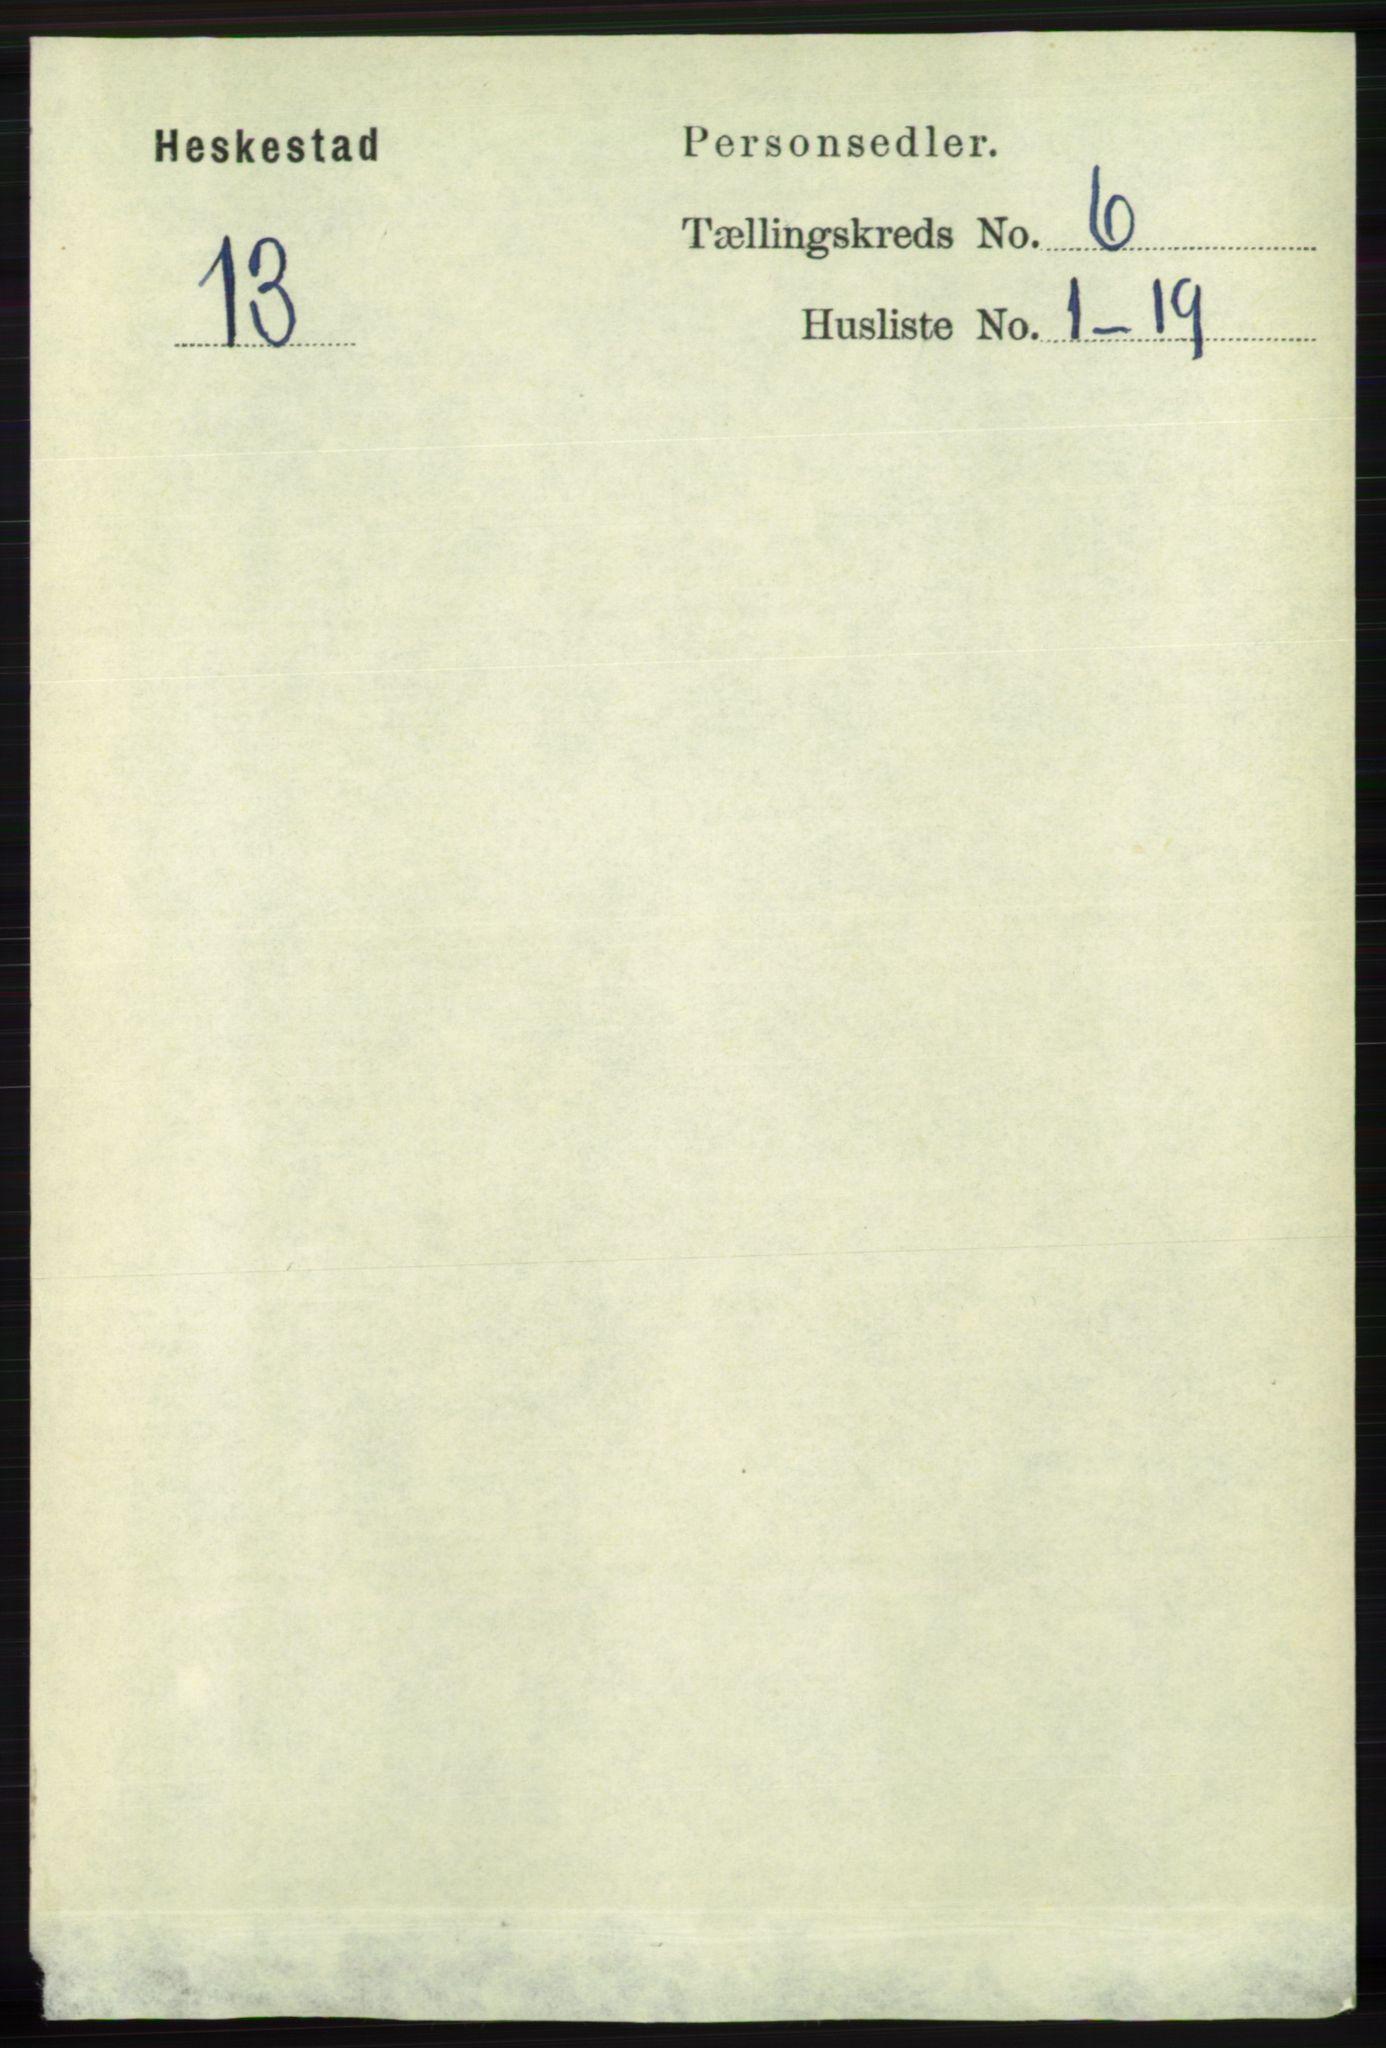 RA, Folketelling 1891 for 1113 Heskestad herred, 1891, s. 1014